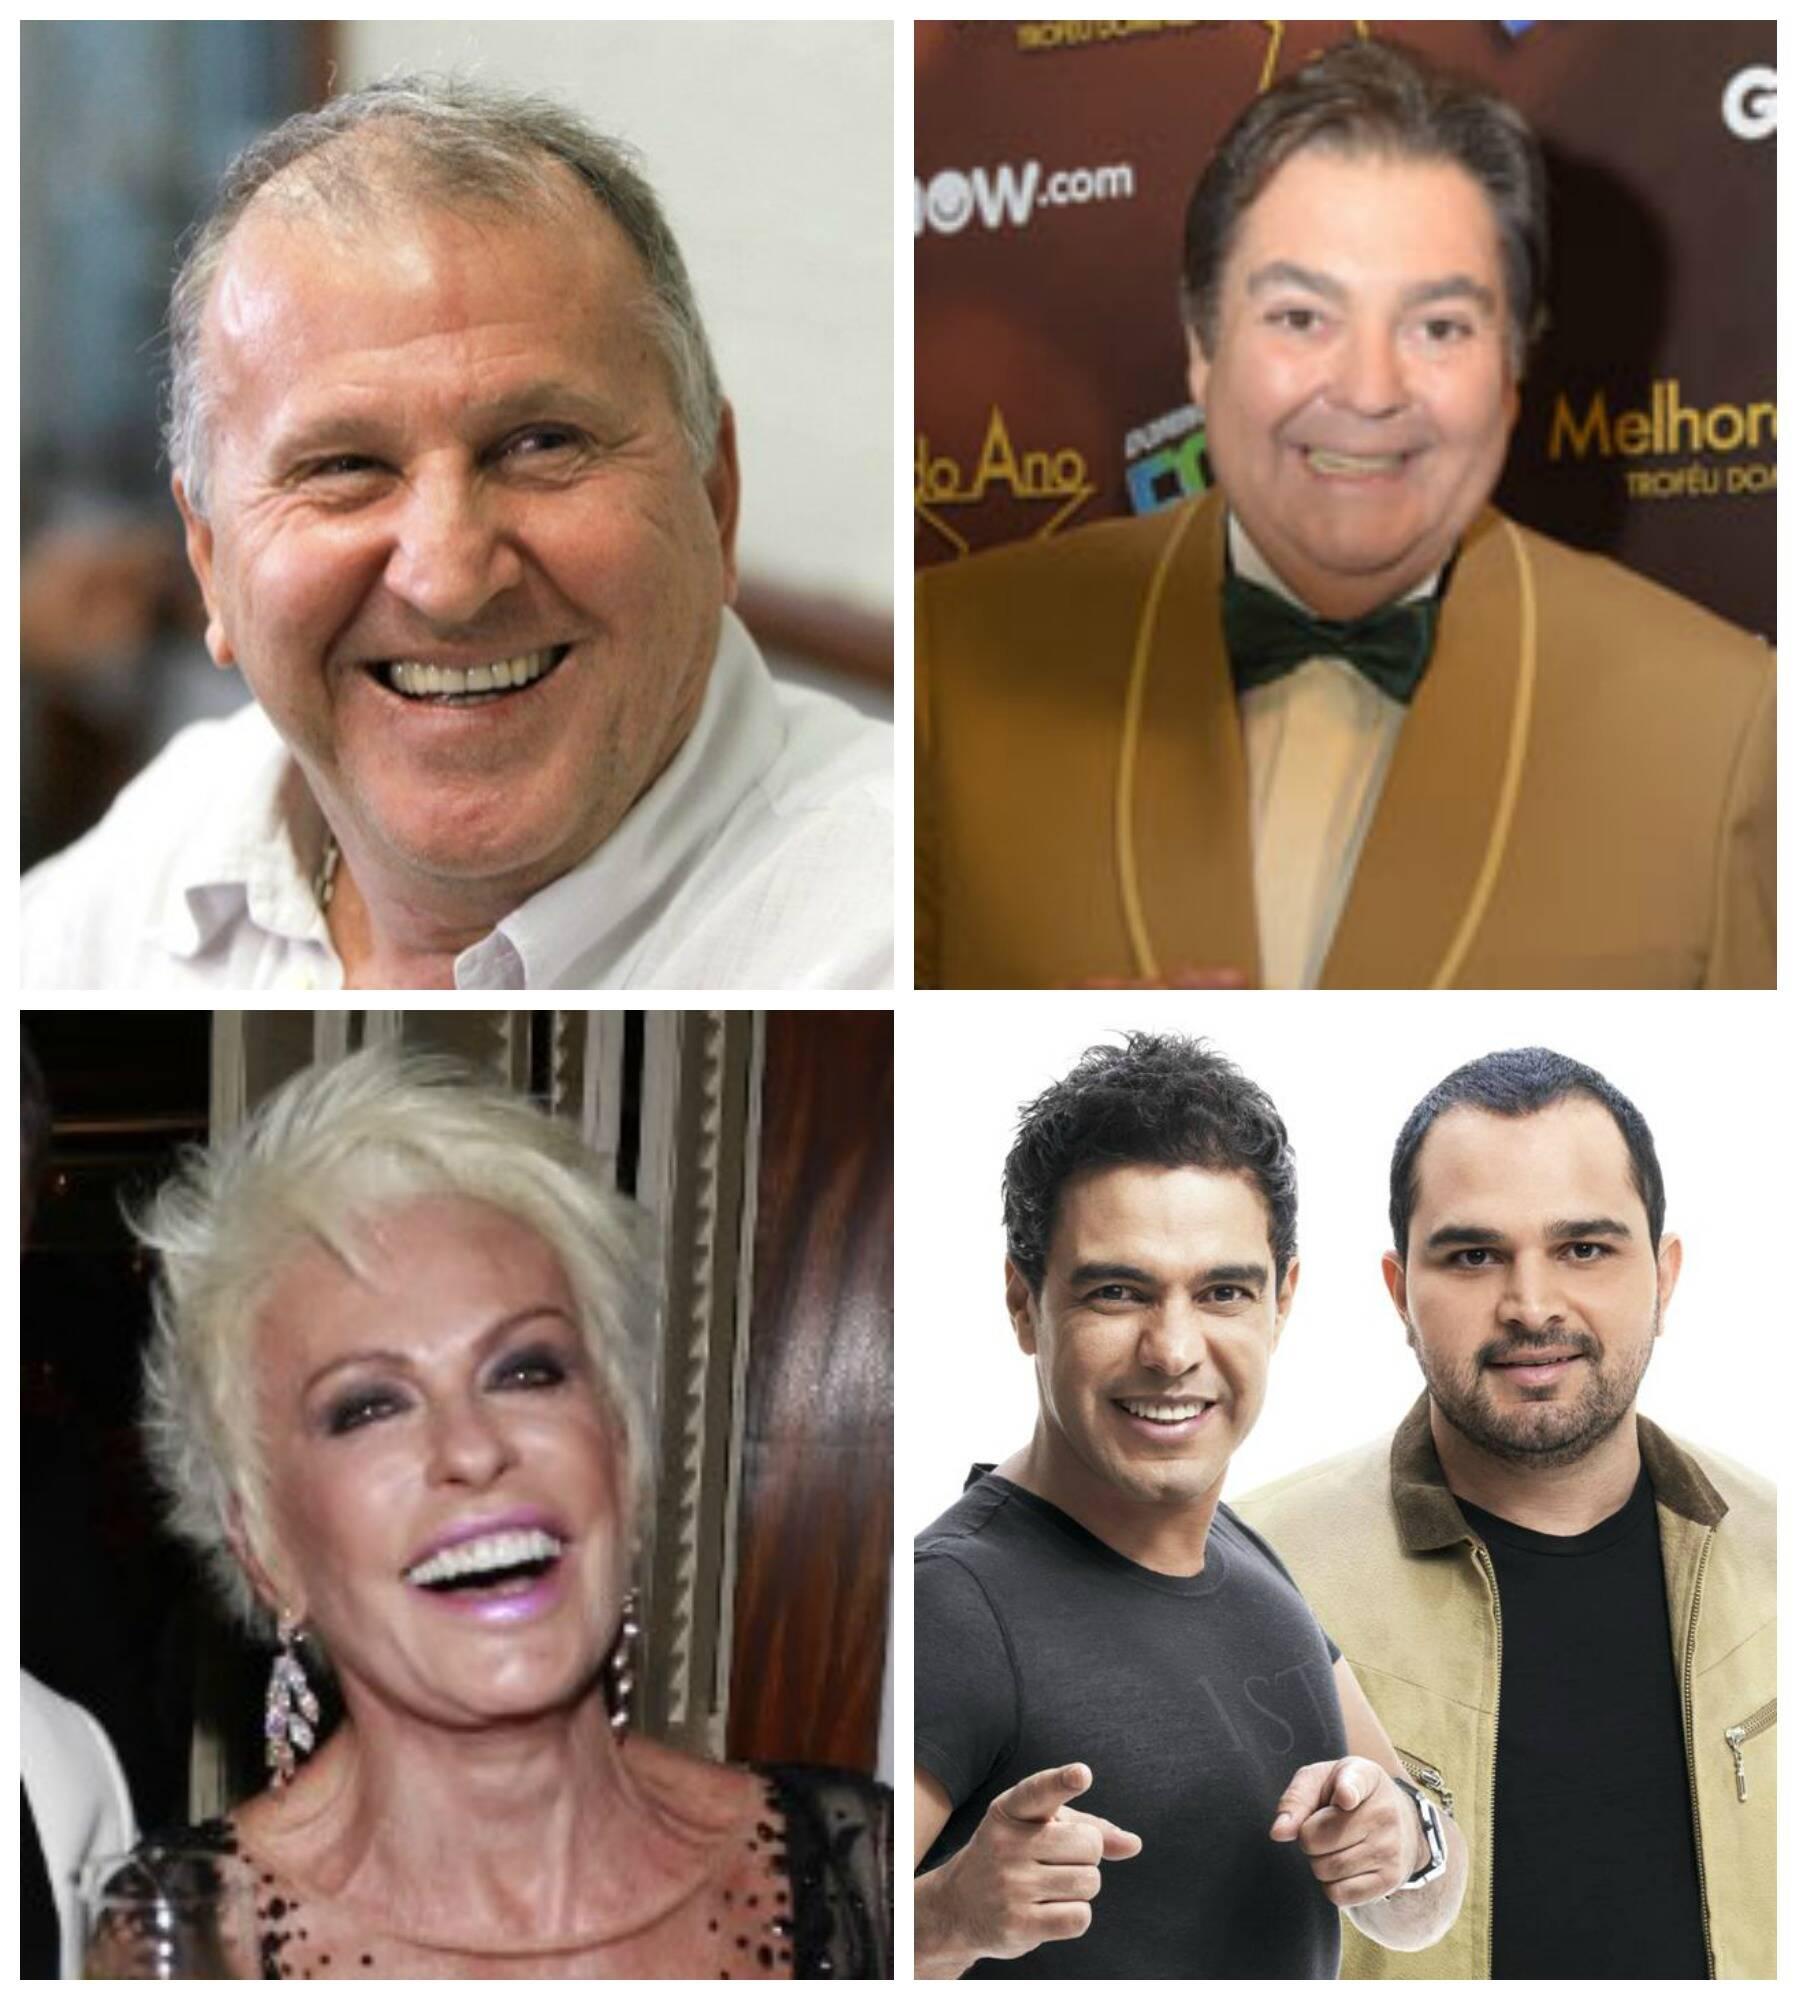 No sentido horário: Zico; Faustão; Zezé di Camargo e Luciano; Ana Maria Braga / Foto: reprodução do IG